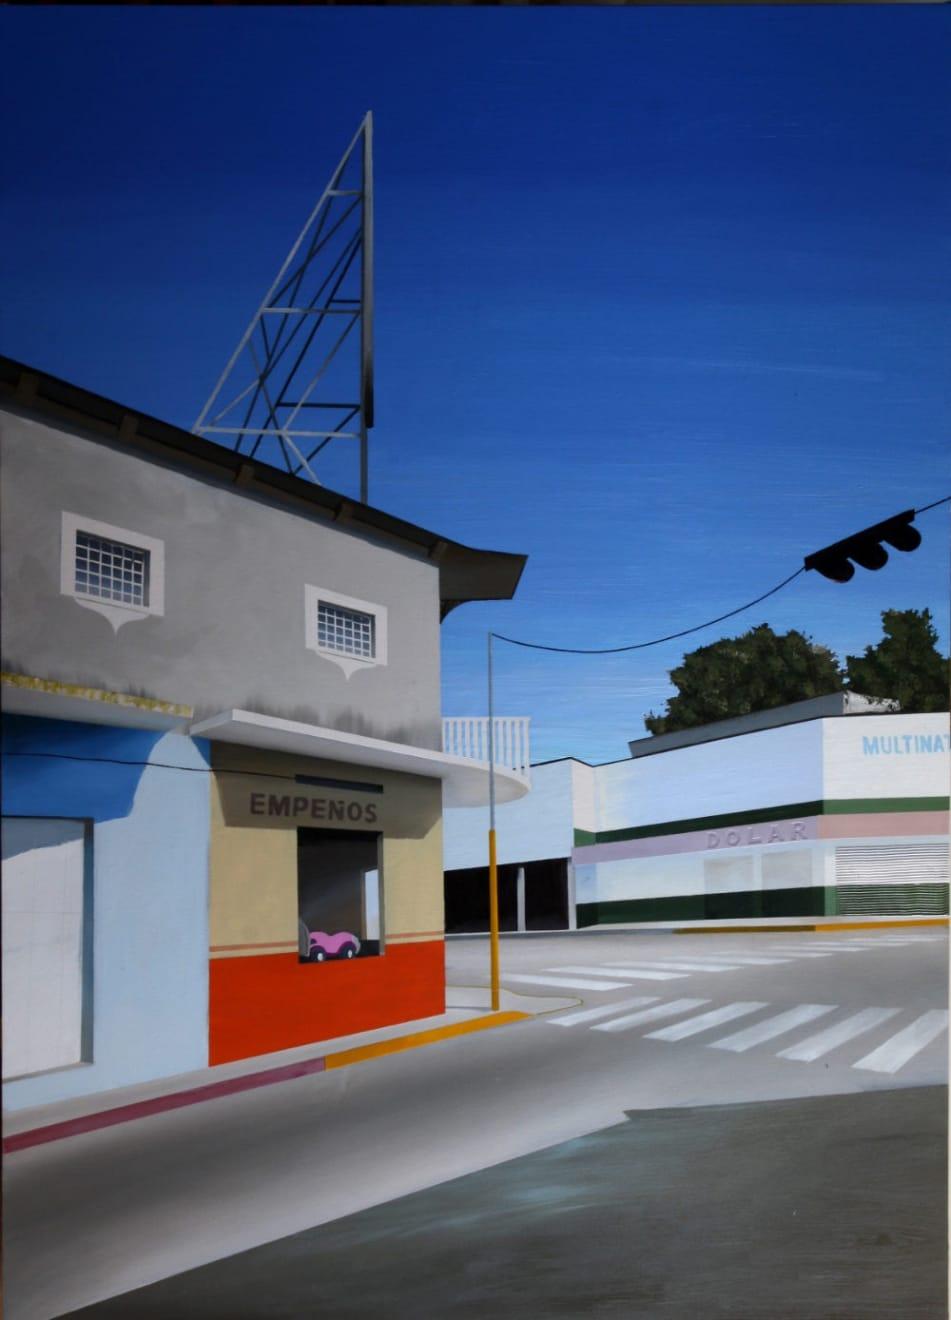 Hendrik Voerkel - Empeños - 2014 - Olie en acryl op doek - 180 x 130 cm